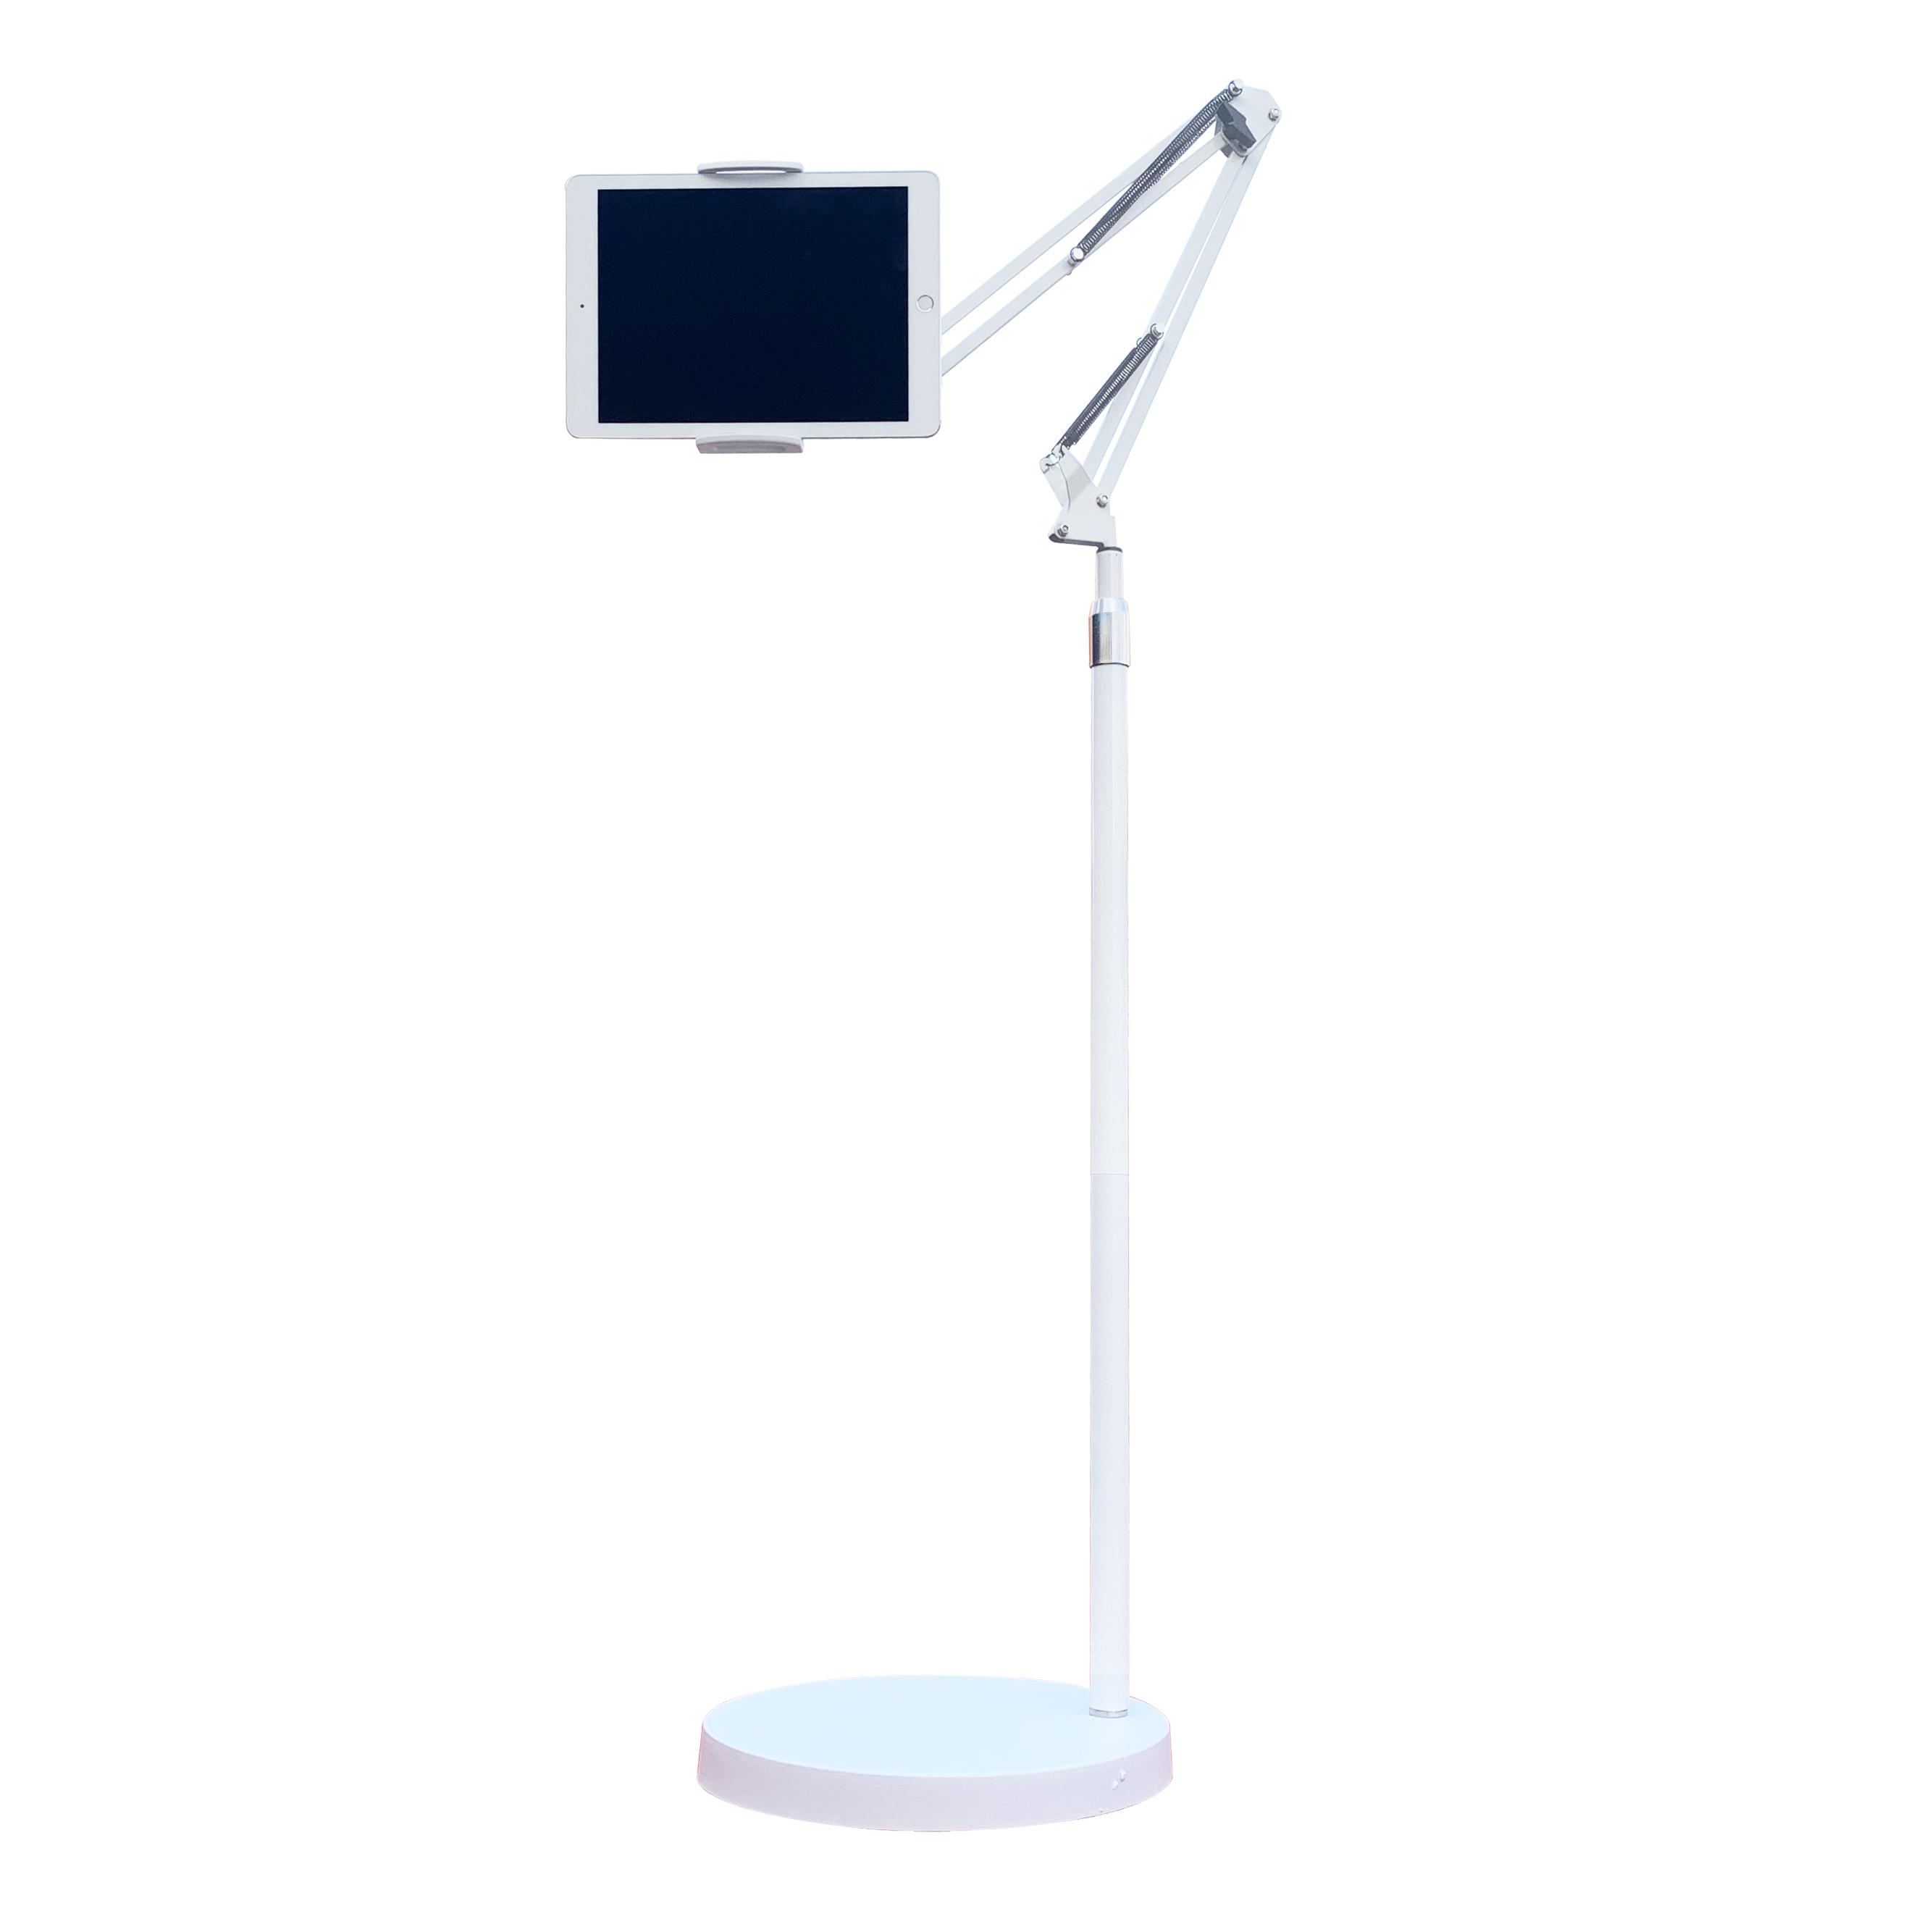 몰라덴 X&X 2세대 태블릿 거치대, 원형-화이트-8-4611054122